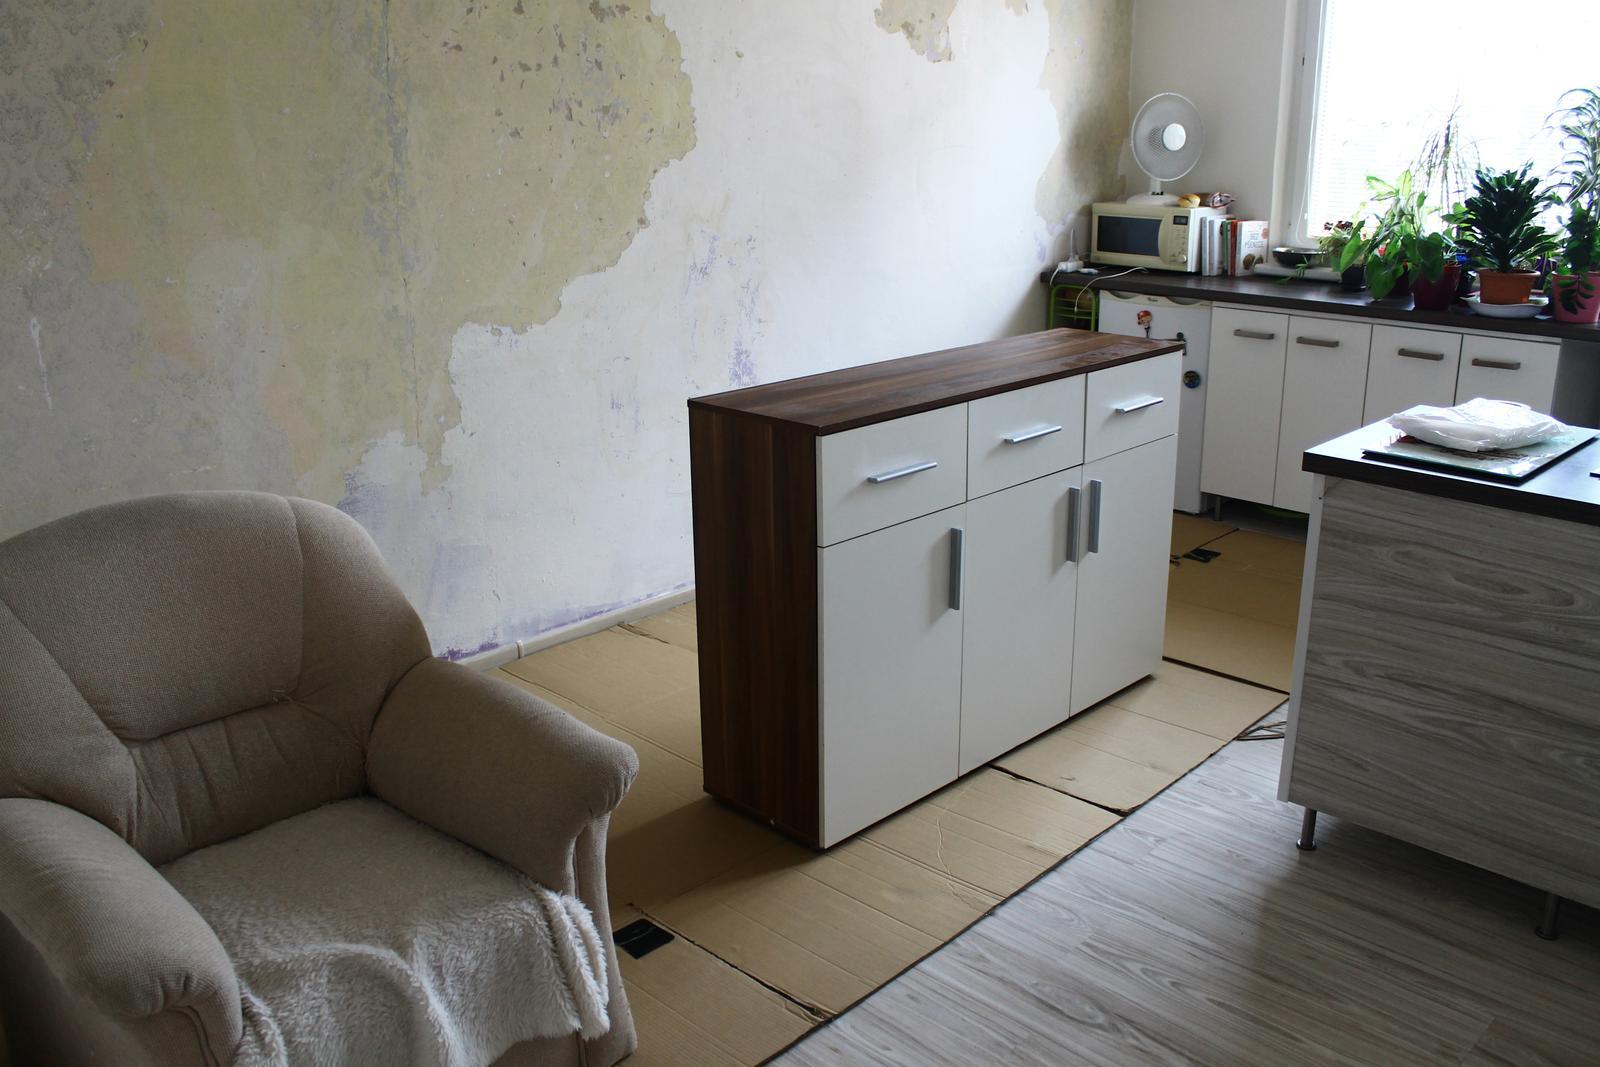 Prerábka - začali sme vypratávať izbu.. stena oproti bola obúchaná pár dni dopredu..